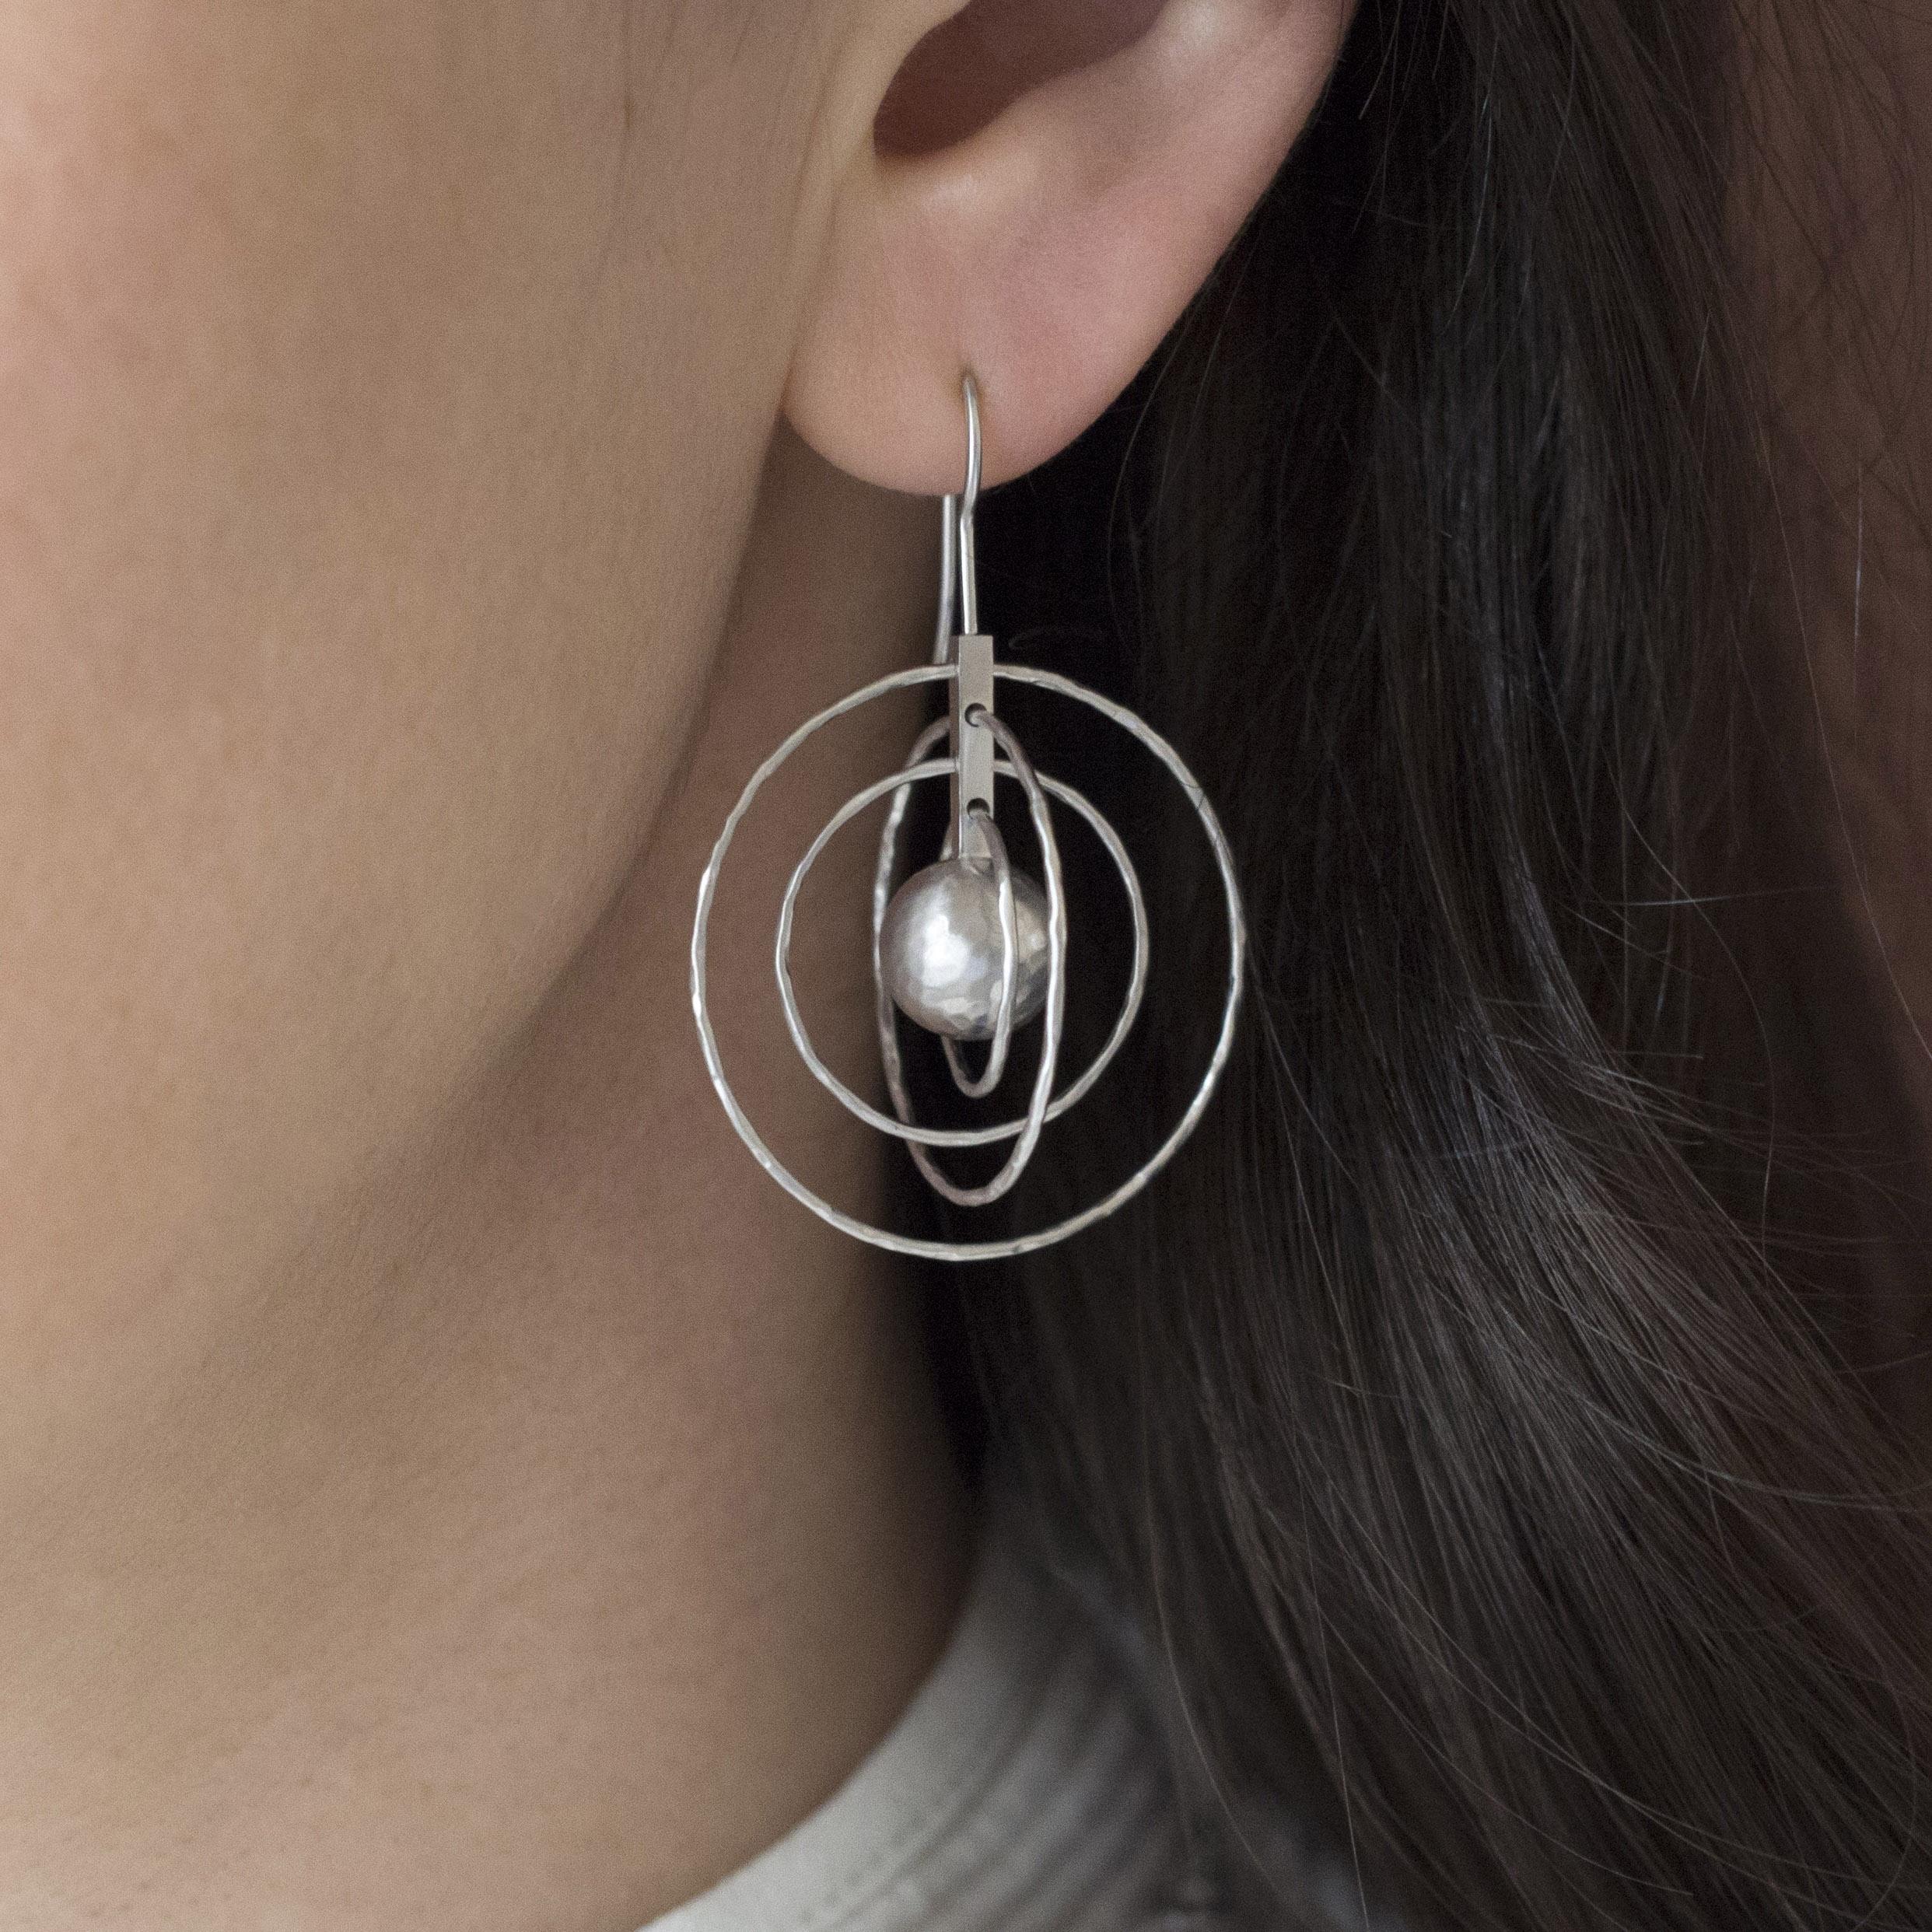 130105-925 crosswind earrings OM d crop